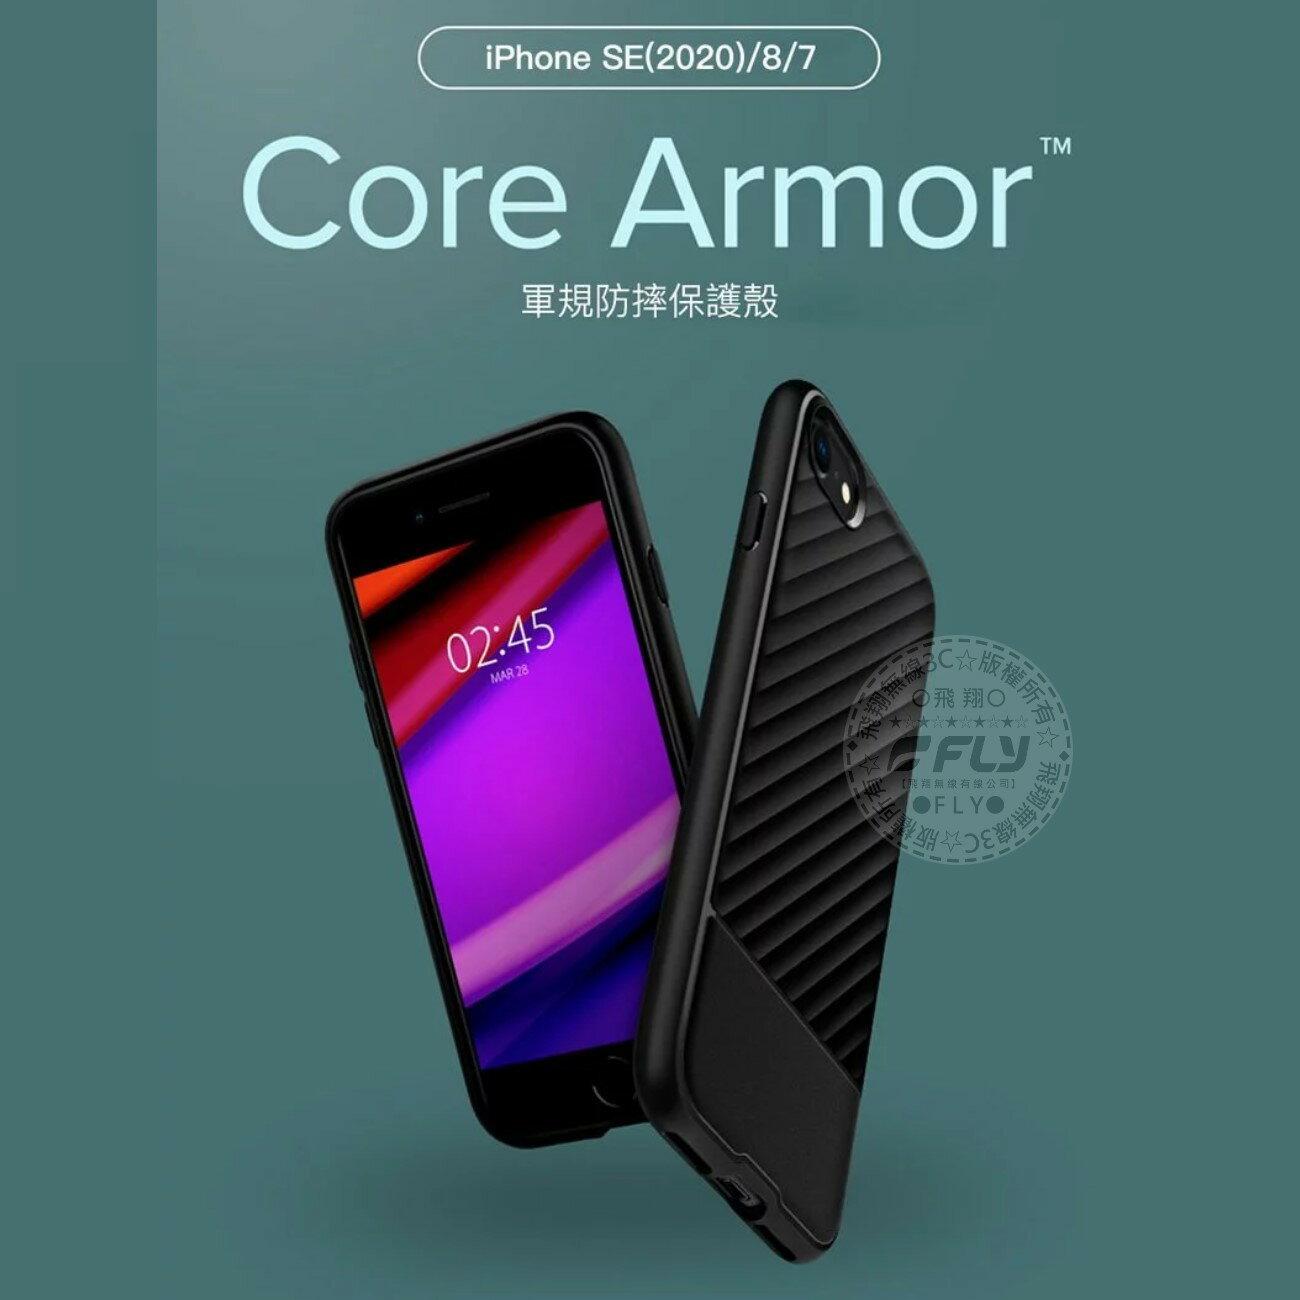 《飛翔無線3C》Spigen Core Armor iPhone SE 7/8 手機保護殼 4.7吋│公司貨│軍規防摔